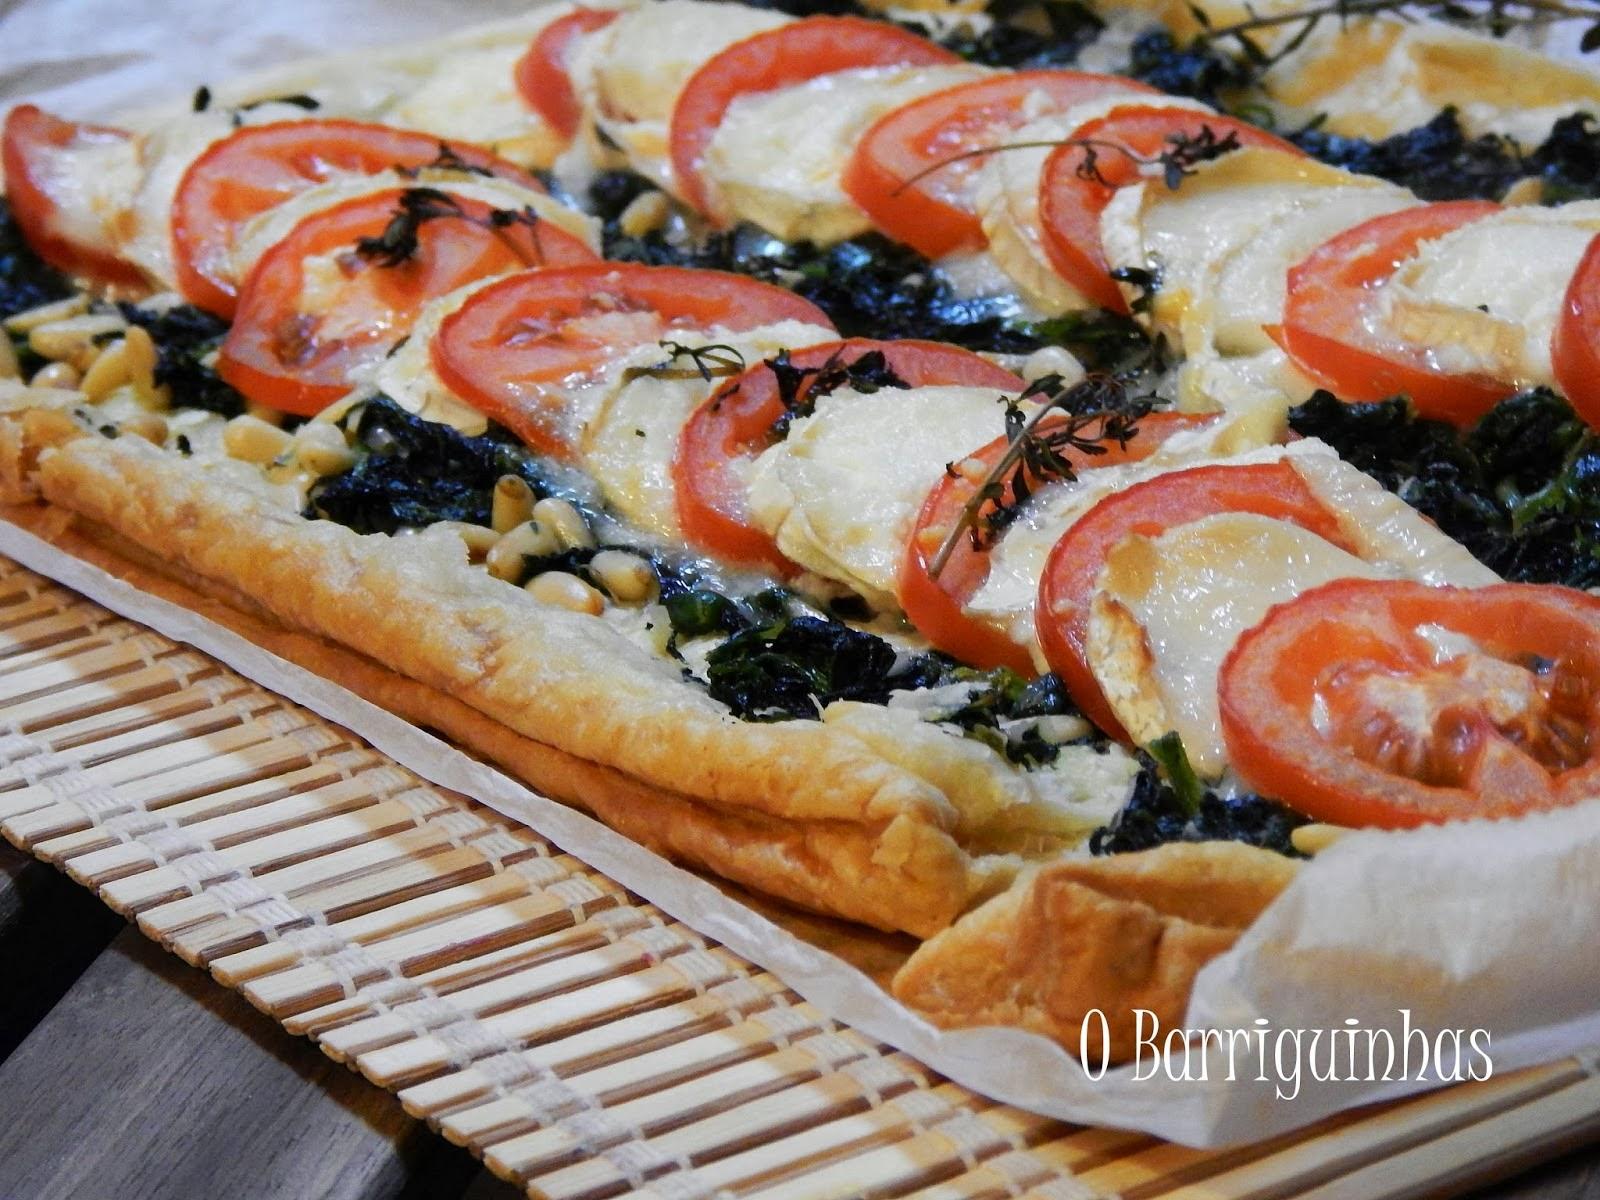 http://www.obarriguinhascomebem.com/2014/01/pizza-folhada-de-queijo-de-cabra-chevre.html